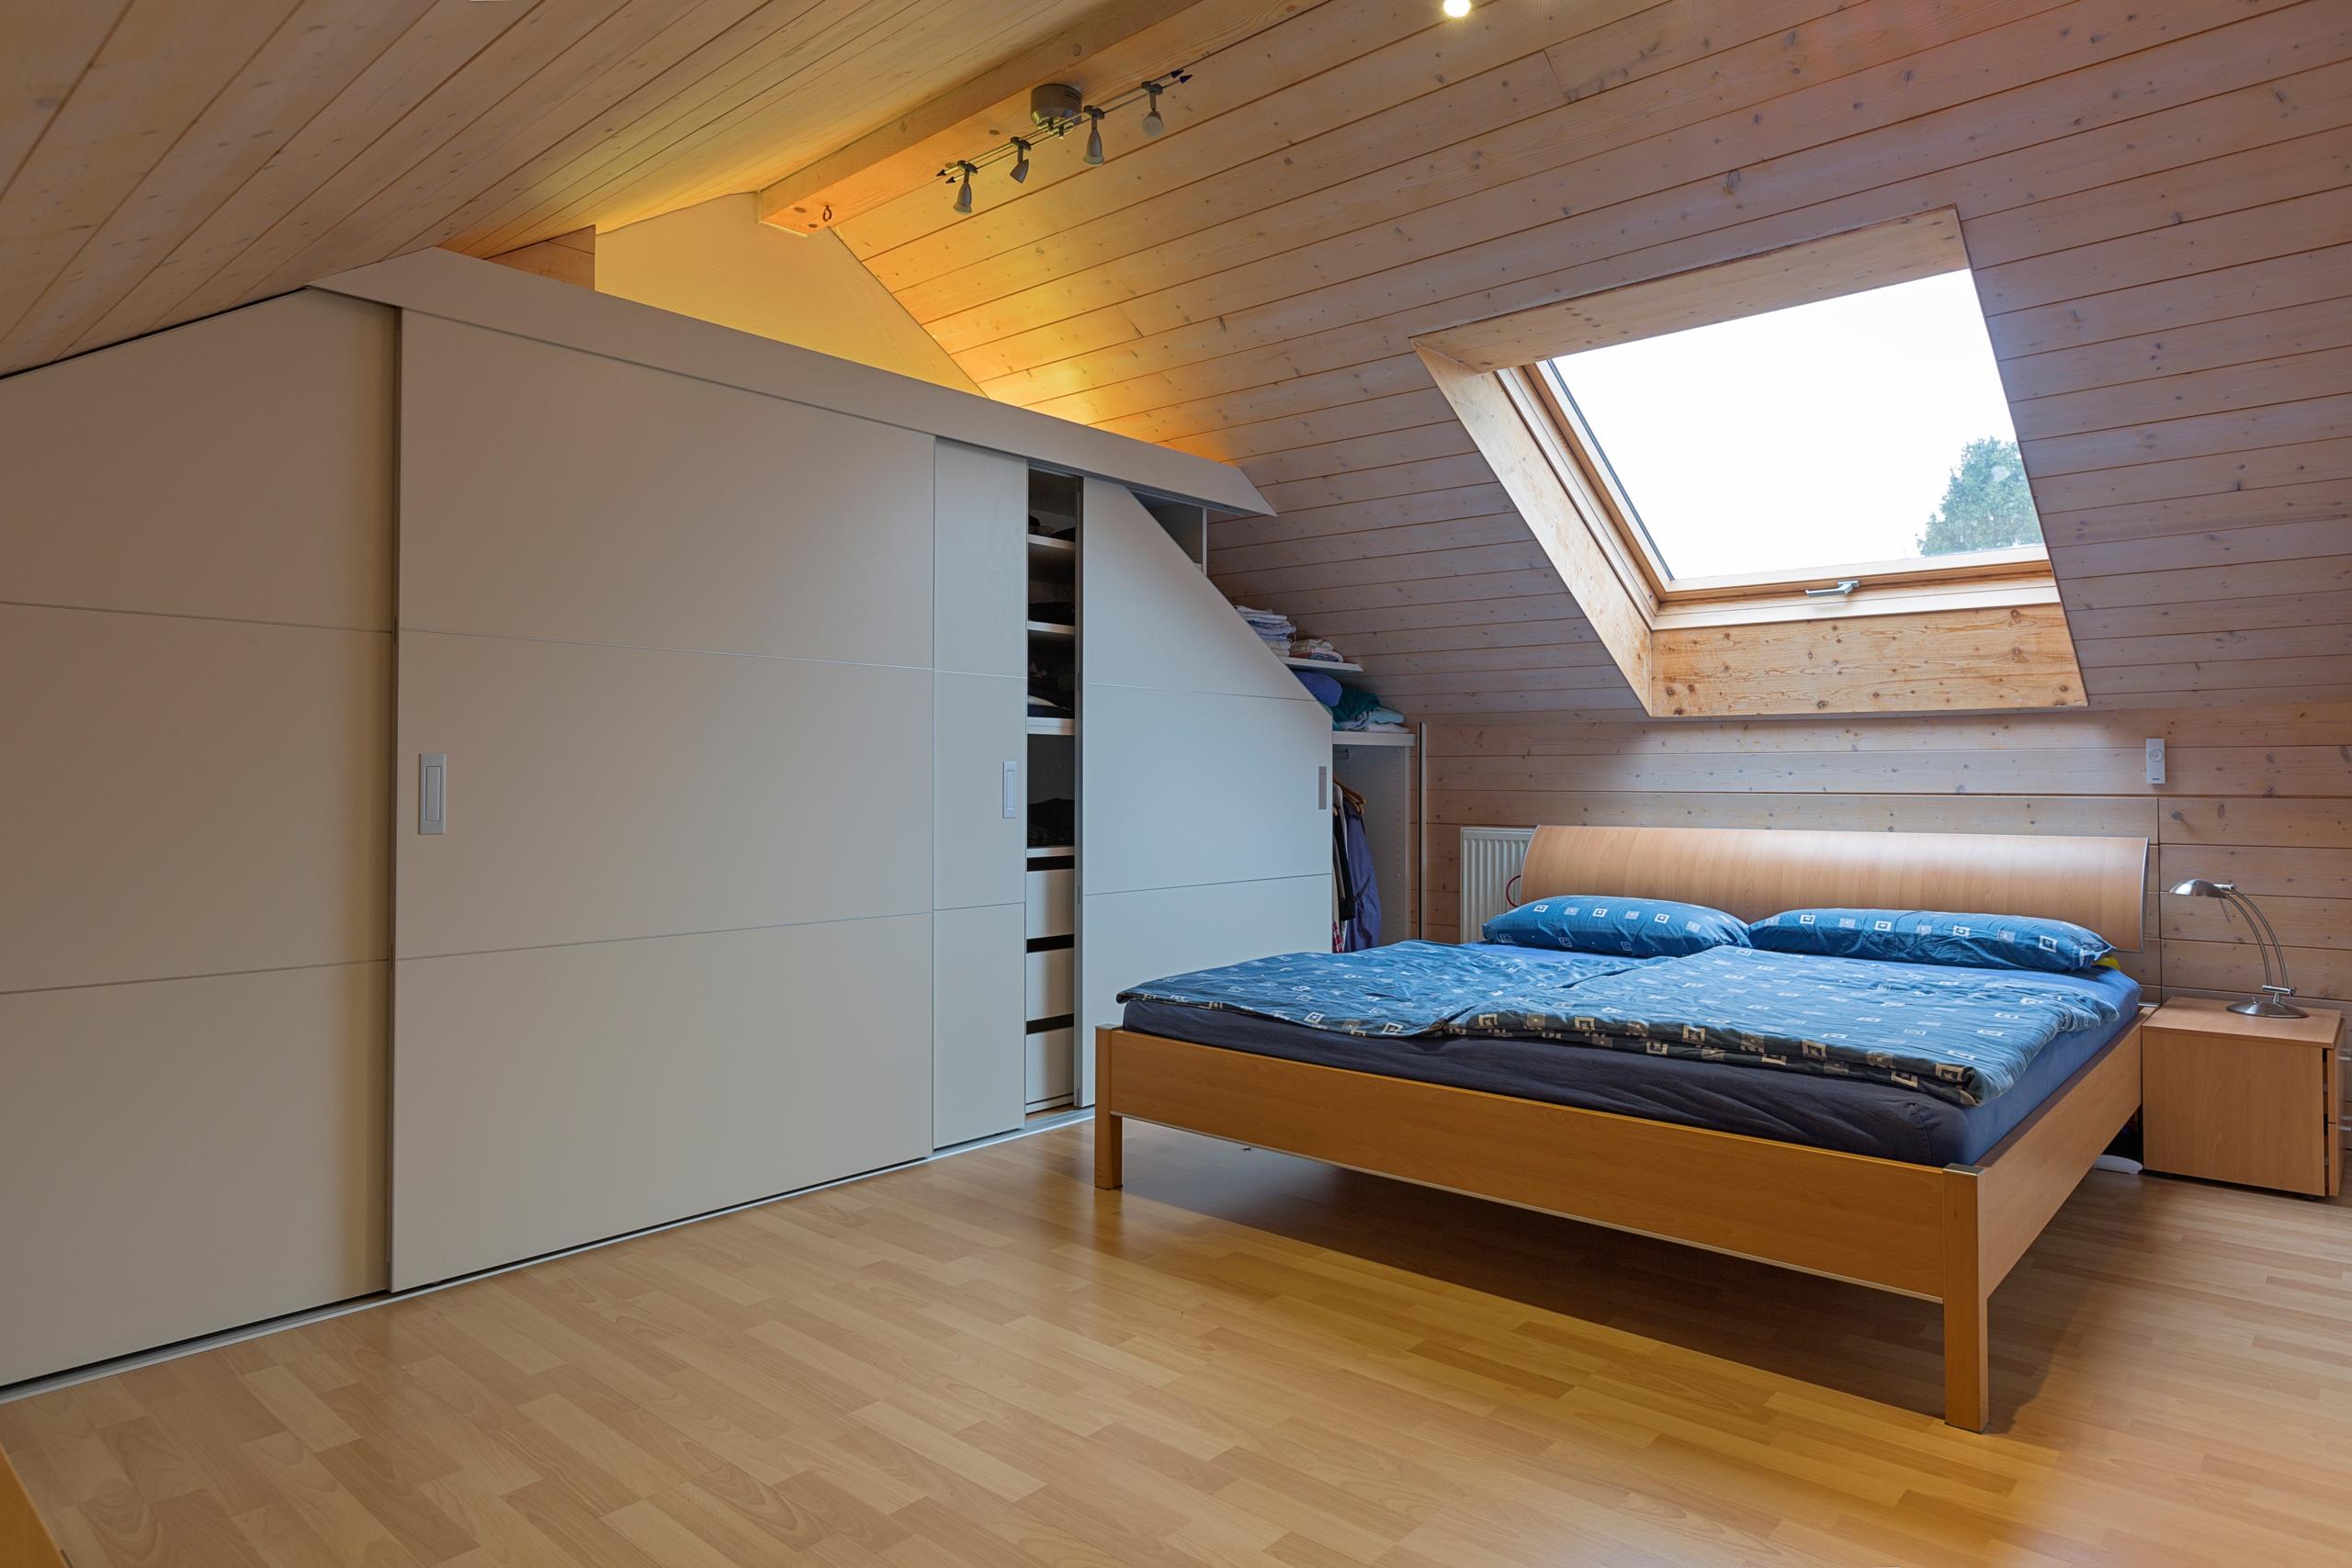 schrank in der dachschr ge nach mass dachschr genschrank beidseitig abfallend mit schiebet ren. Black Bedroom Furniture Sets. Home Design Ideas